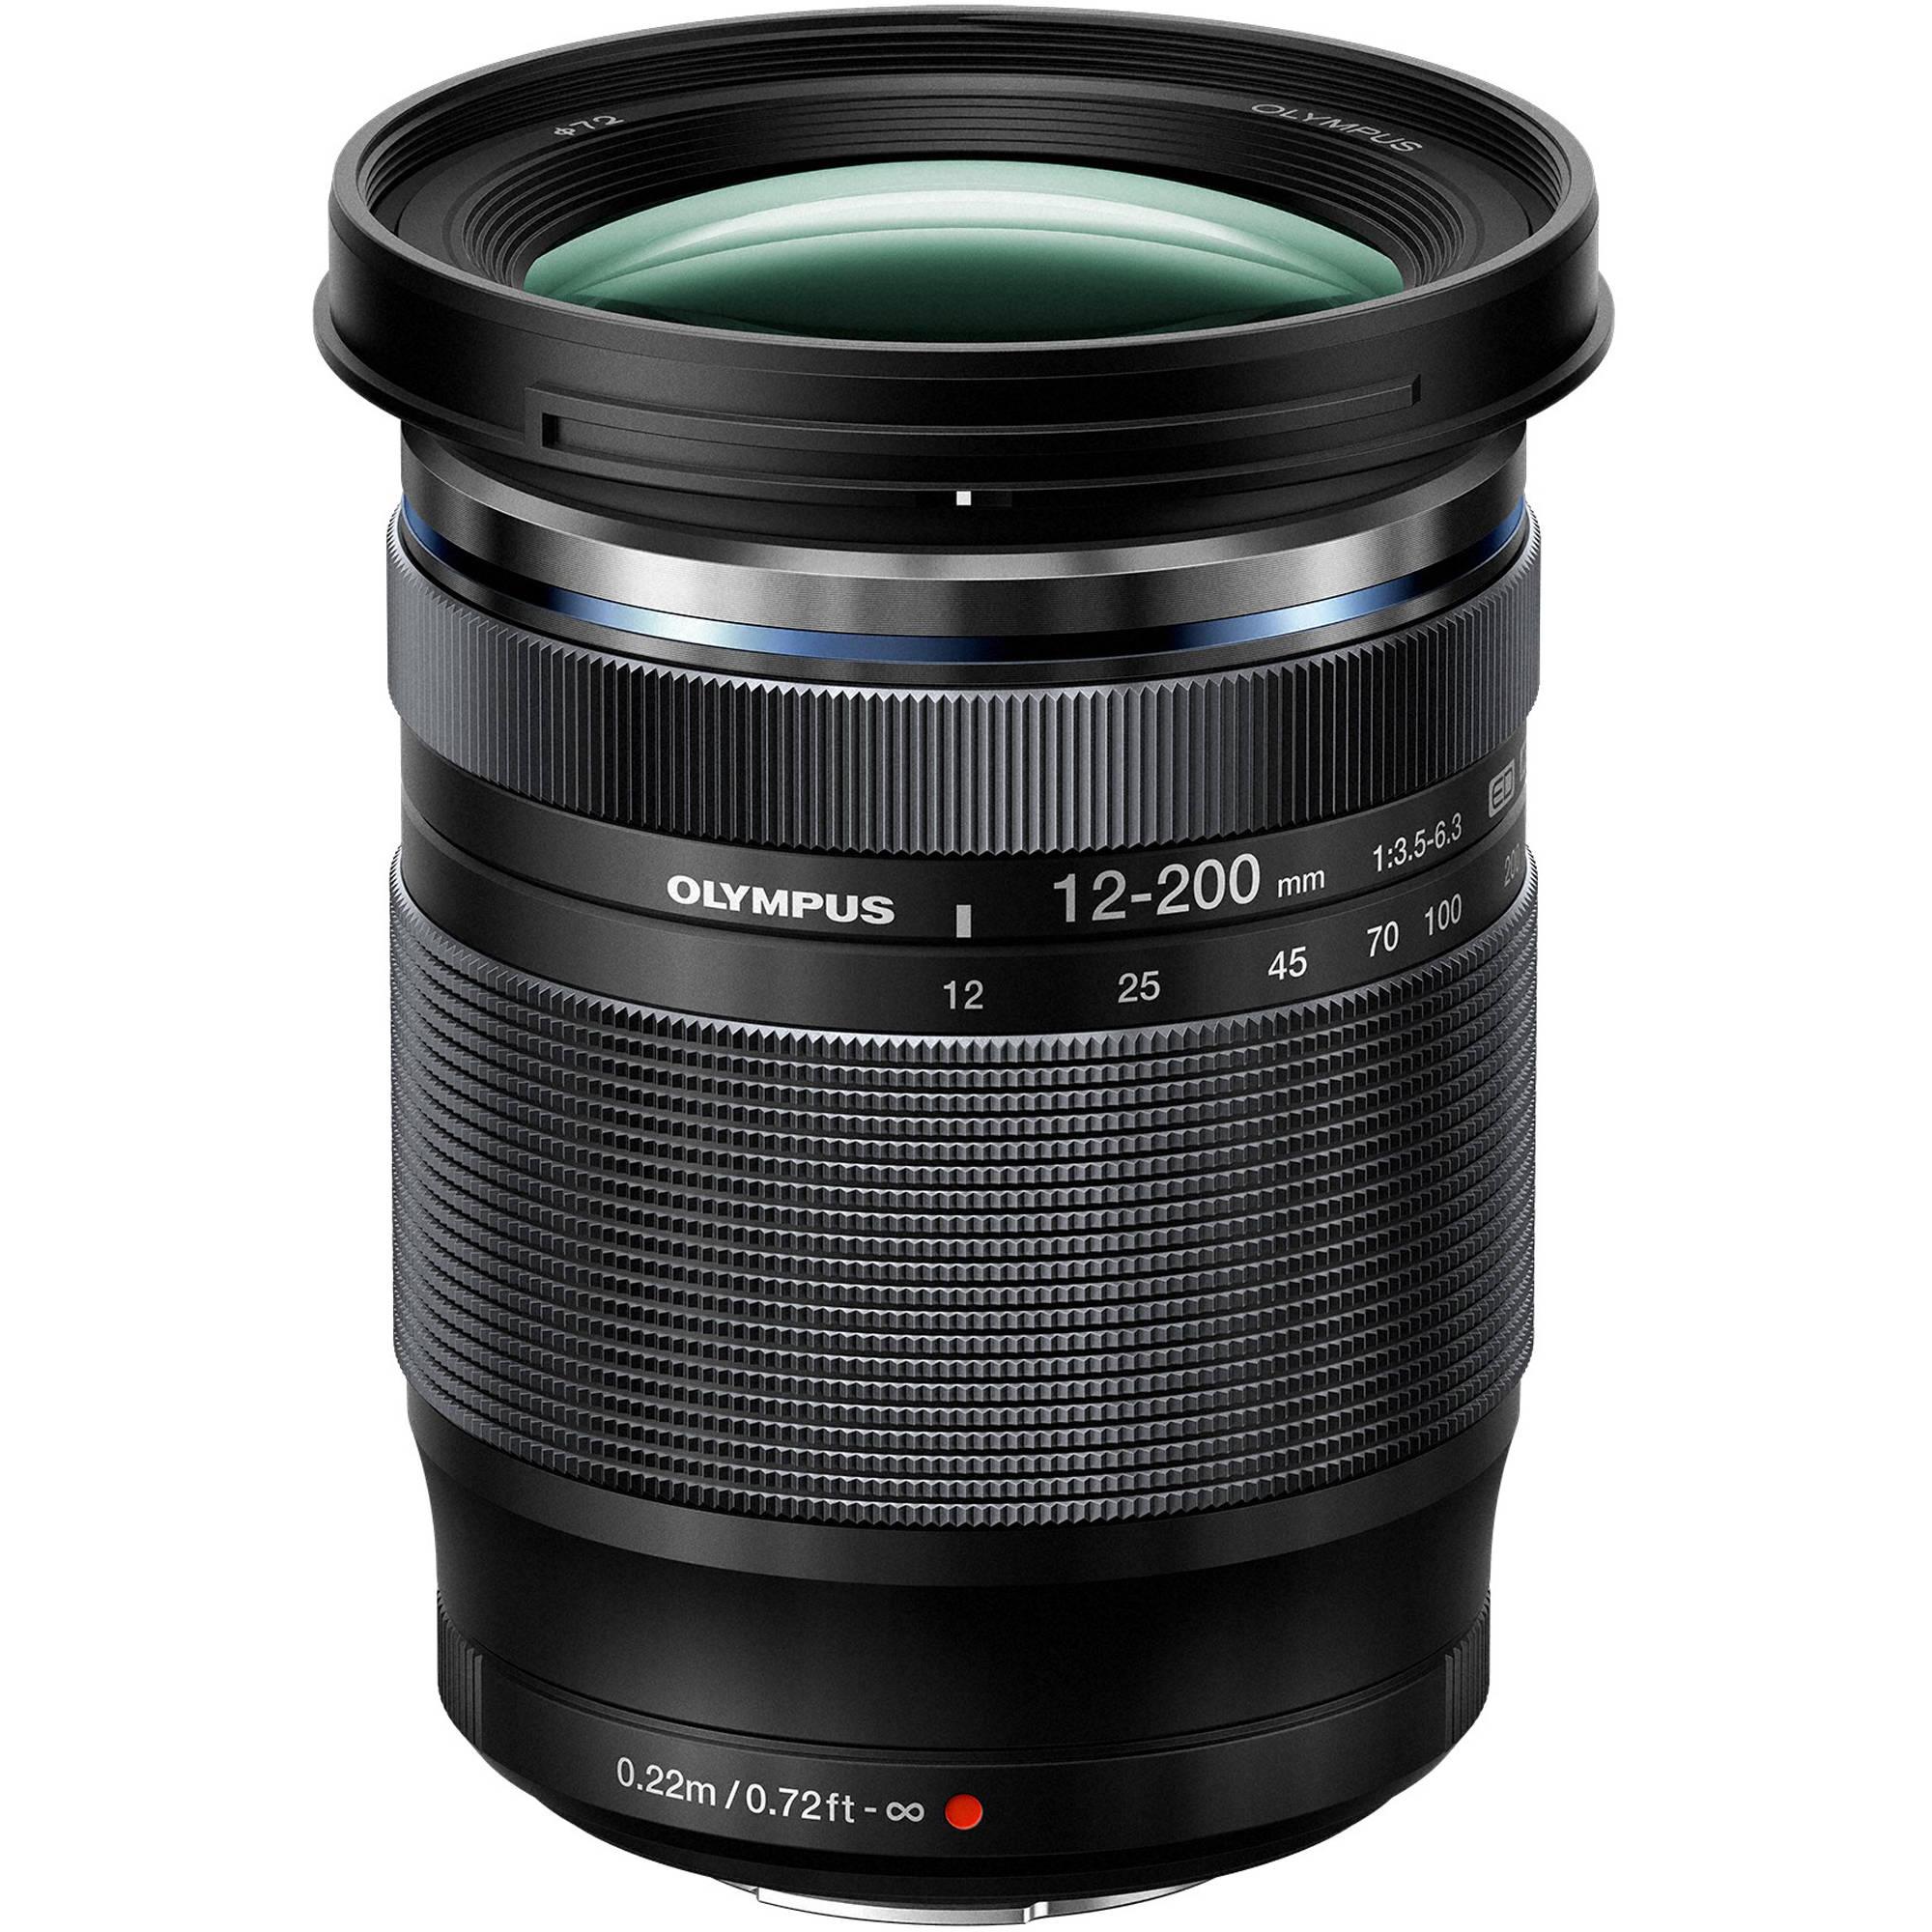 Olympus Lens | Lens Rumors